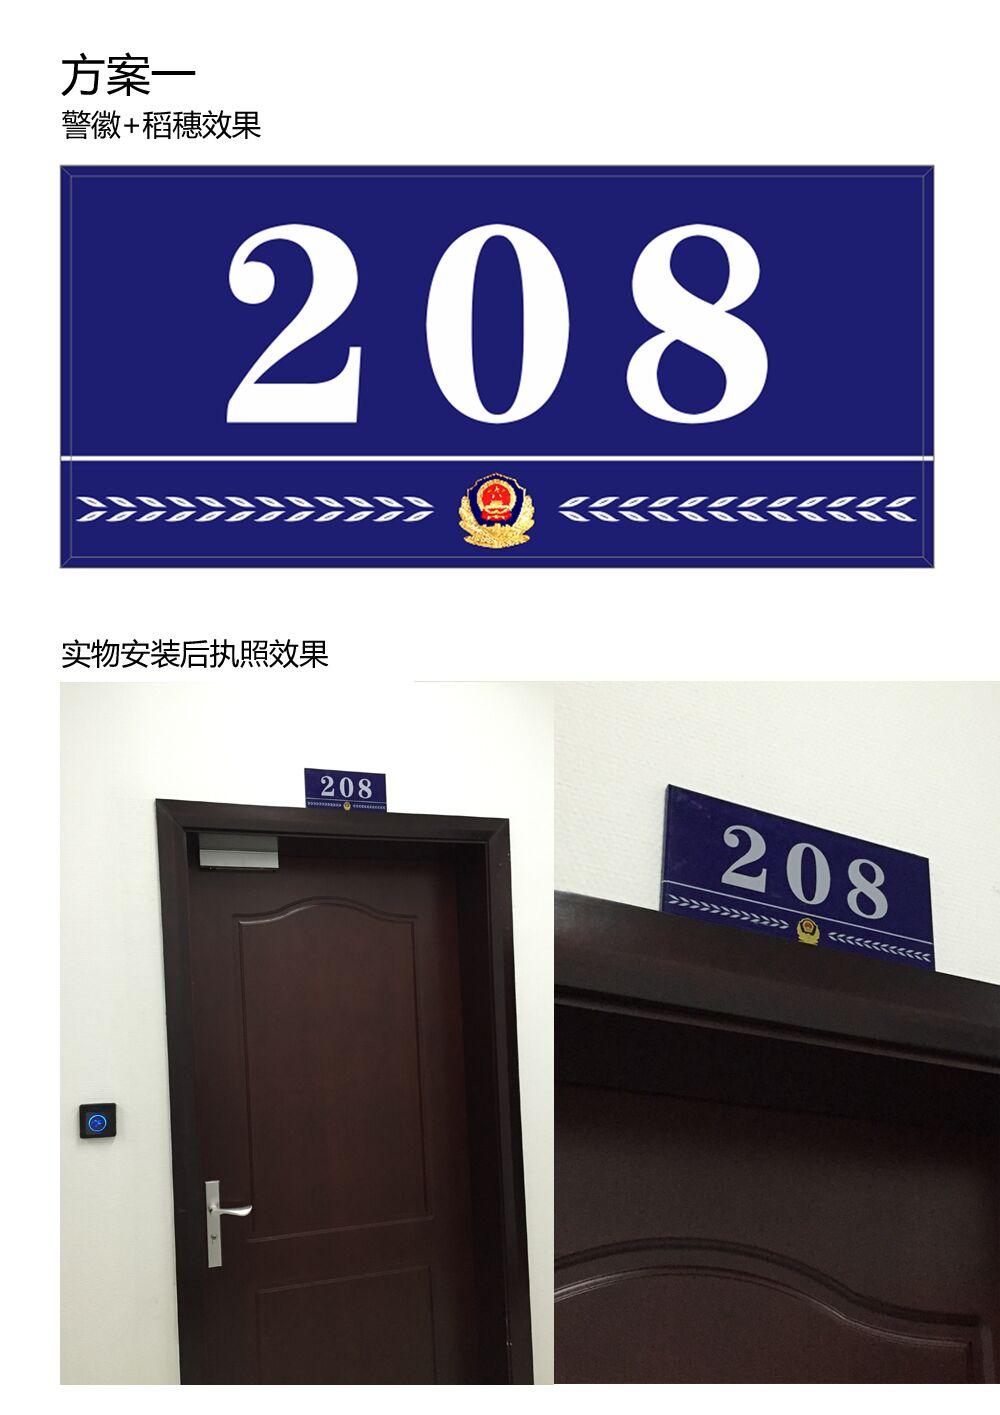 广西区公安厅标识门牌制作